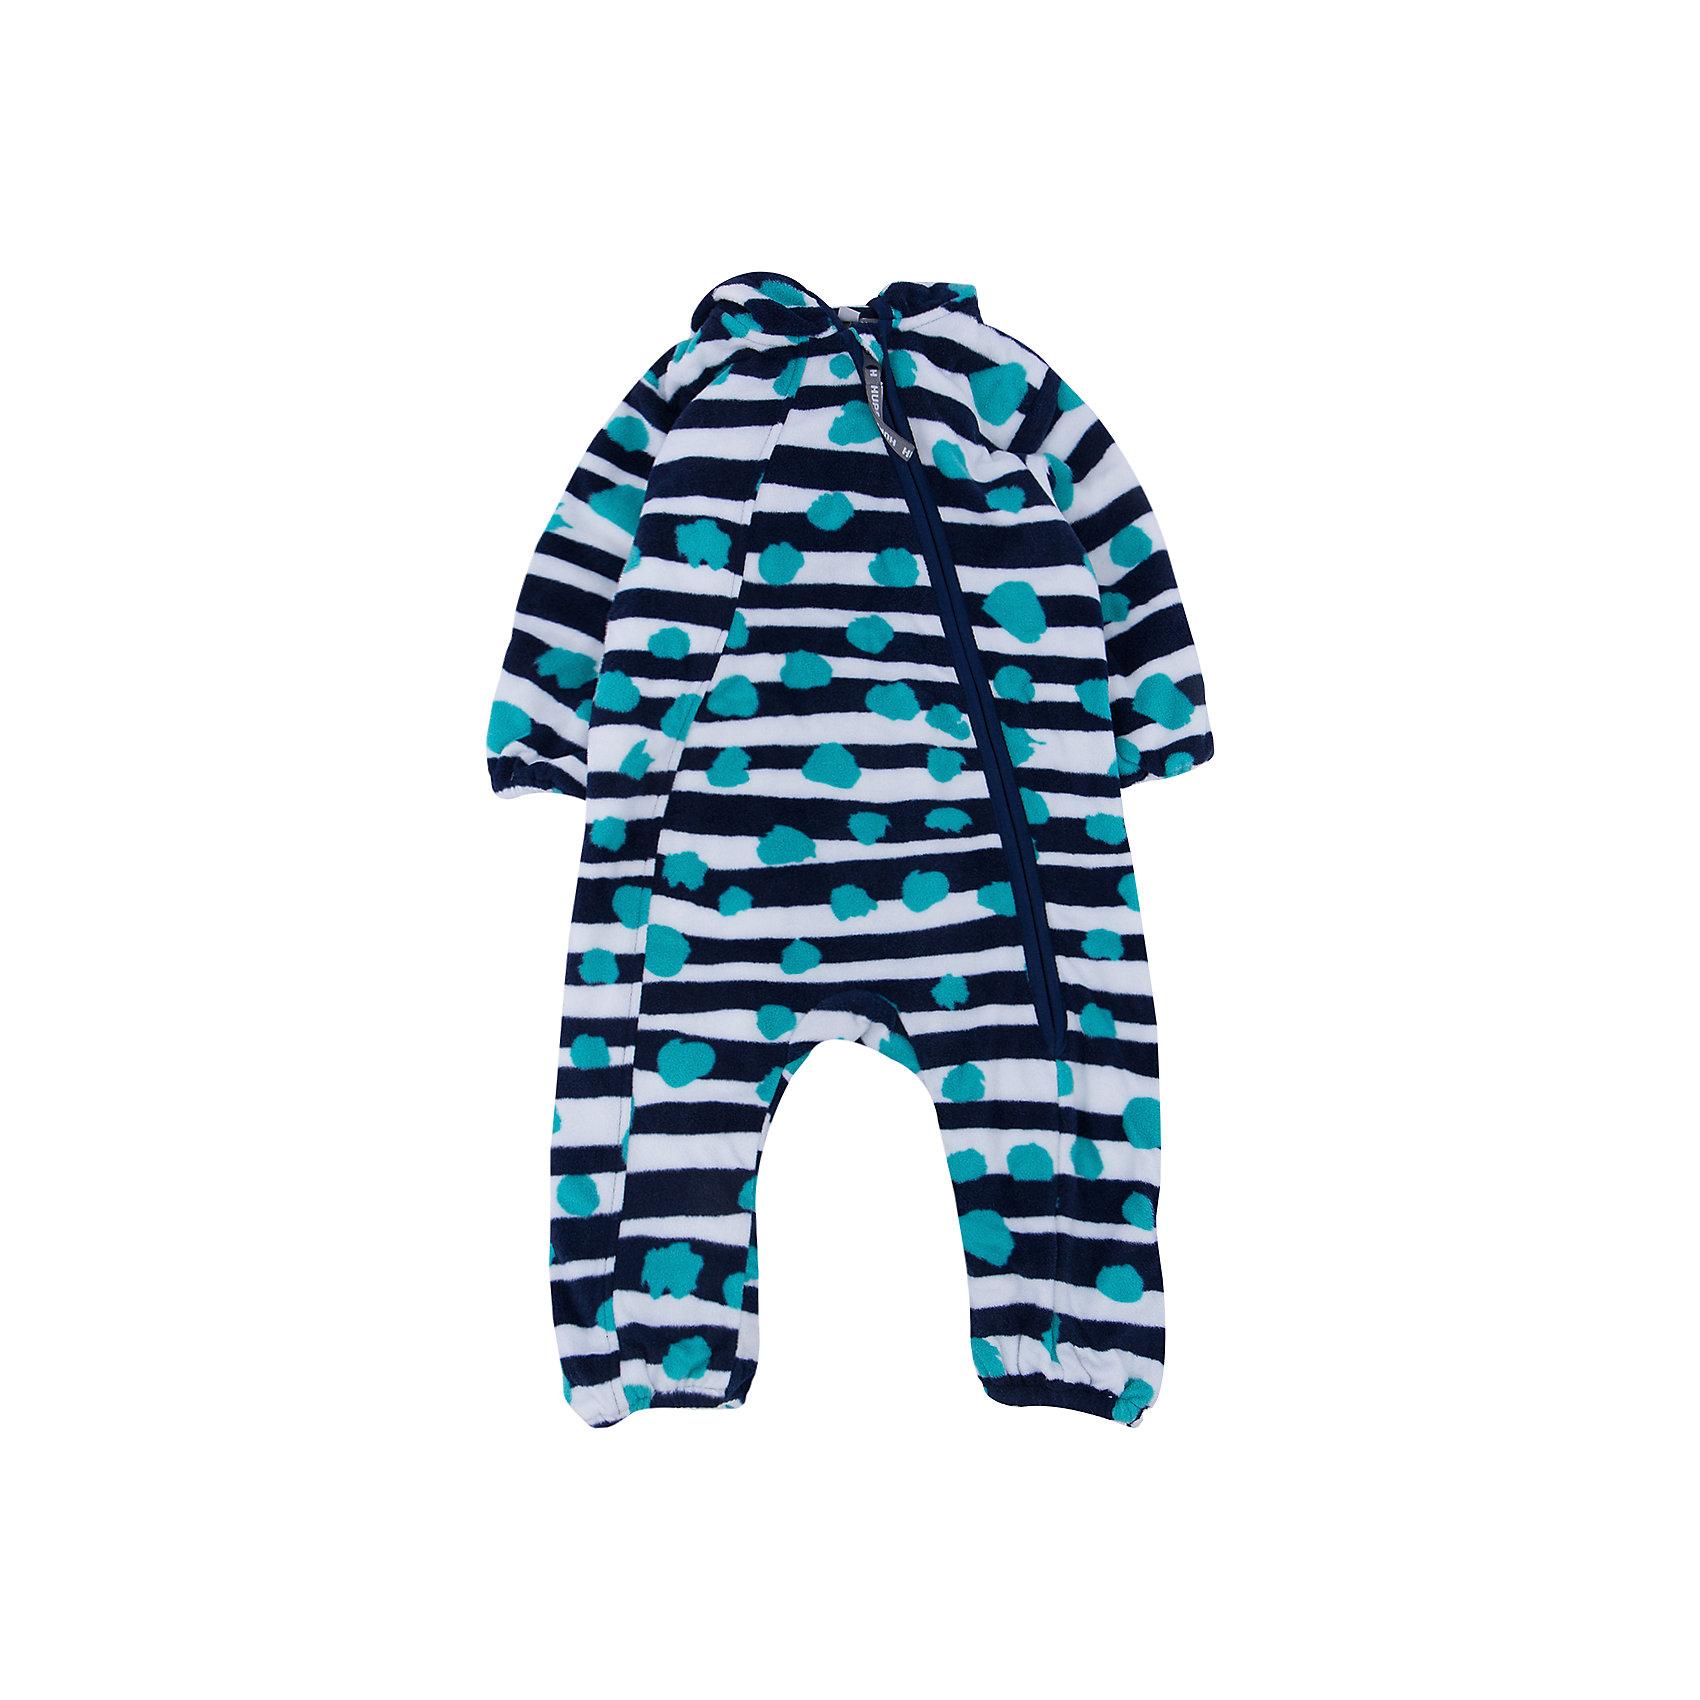 Комбинезон флисовый  HuppaФлисовый комбинезон DANDY Huppa(Хуппа) имеет капюшон и застегивается на молнию по диагонали. На манжетах и талии есть резинки, надежно защищающие малыша от попадания ветра под одежду. Комбинезон достаточно теплый, хорошо сидит по фигуре и отлично подойдет в качестве промежуточного слоя в одежде в зимнее время или как верхняя одежда весной-осенью.<br><br>Дополнительная информация:<br>Материал: 100% полиэстер<br>Цвет: синий/белый<br><br>Флисовый комбинезон DANDY Huppa(Хуппа) вы можете приобрести в нашем интернет-магазине<br><br>Ширина мм: 356<br>Глубина мм: 10<br>Высота мм: 245<br>Вес г: 519<br>Цвет: синий<br>Возраст от месяцев: 2<br>Возраст до месяцев: 5<br>Пол: Унисекс<br>Возраст: Детский<br>Размер: 62,86,80,74,68<br>SKU: 4928598